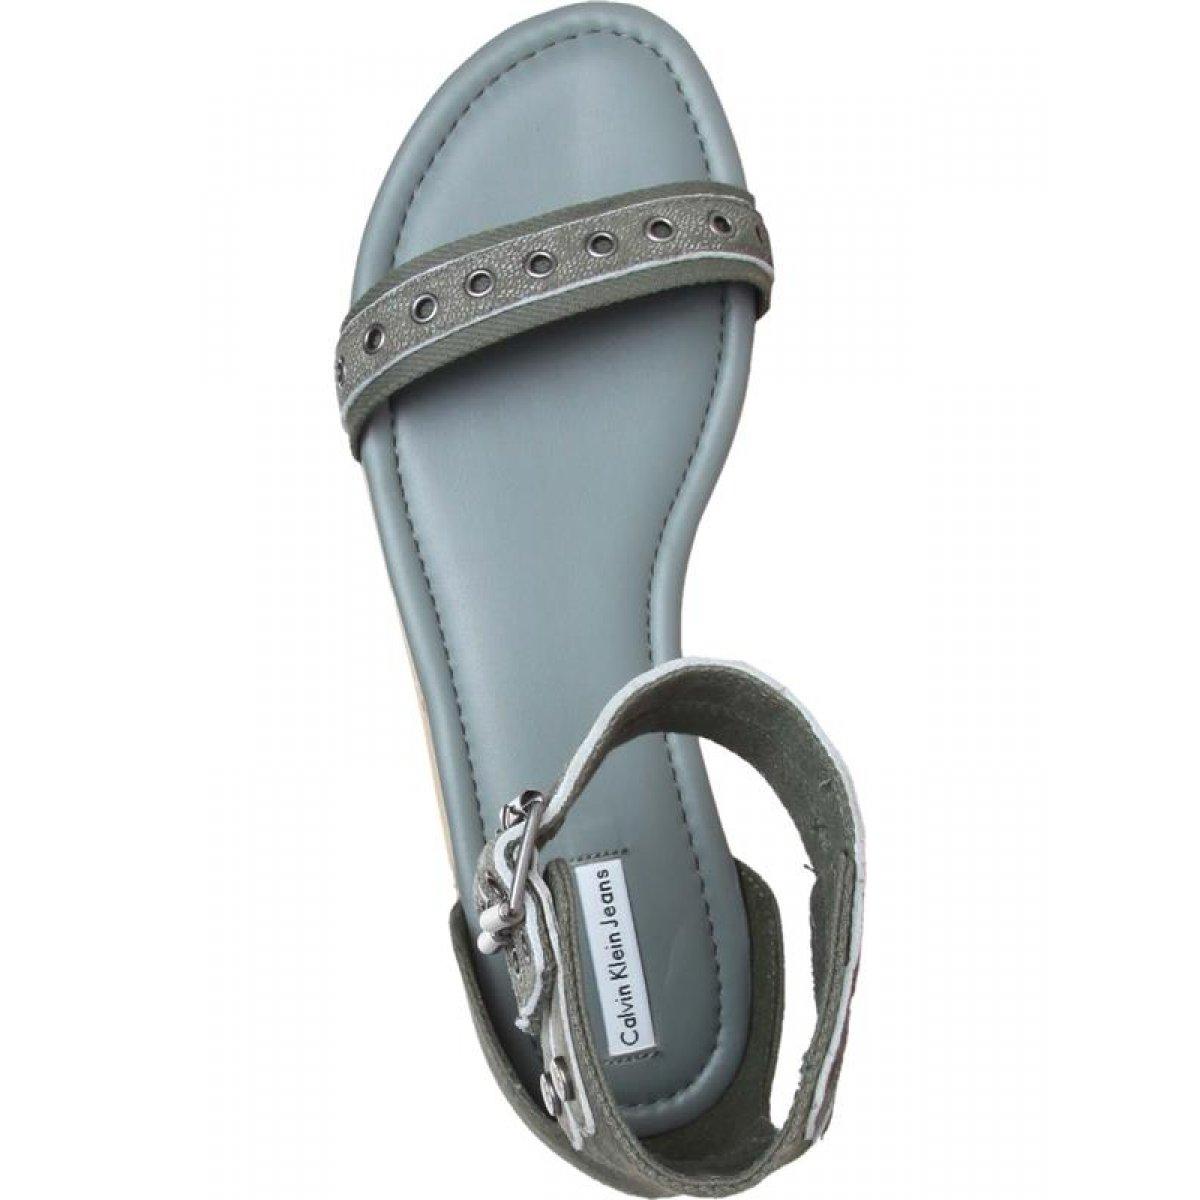 calvin klein damen leder sommer schuhe sandalen sandaletten pantoletten 49 90. Black Bedroom Furniture Sets. Home Design Ideas